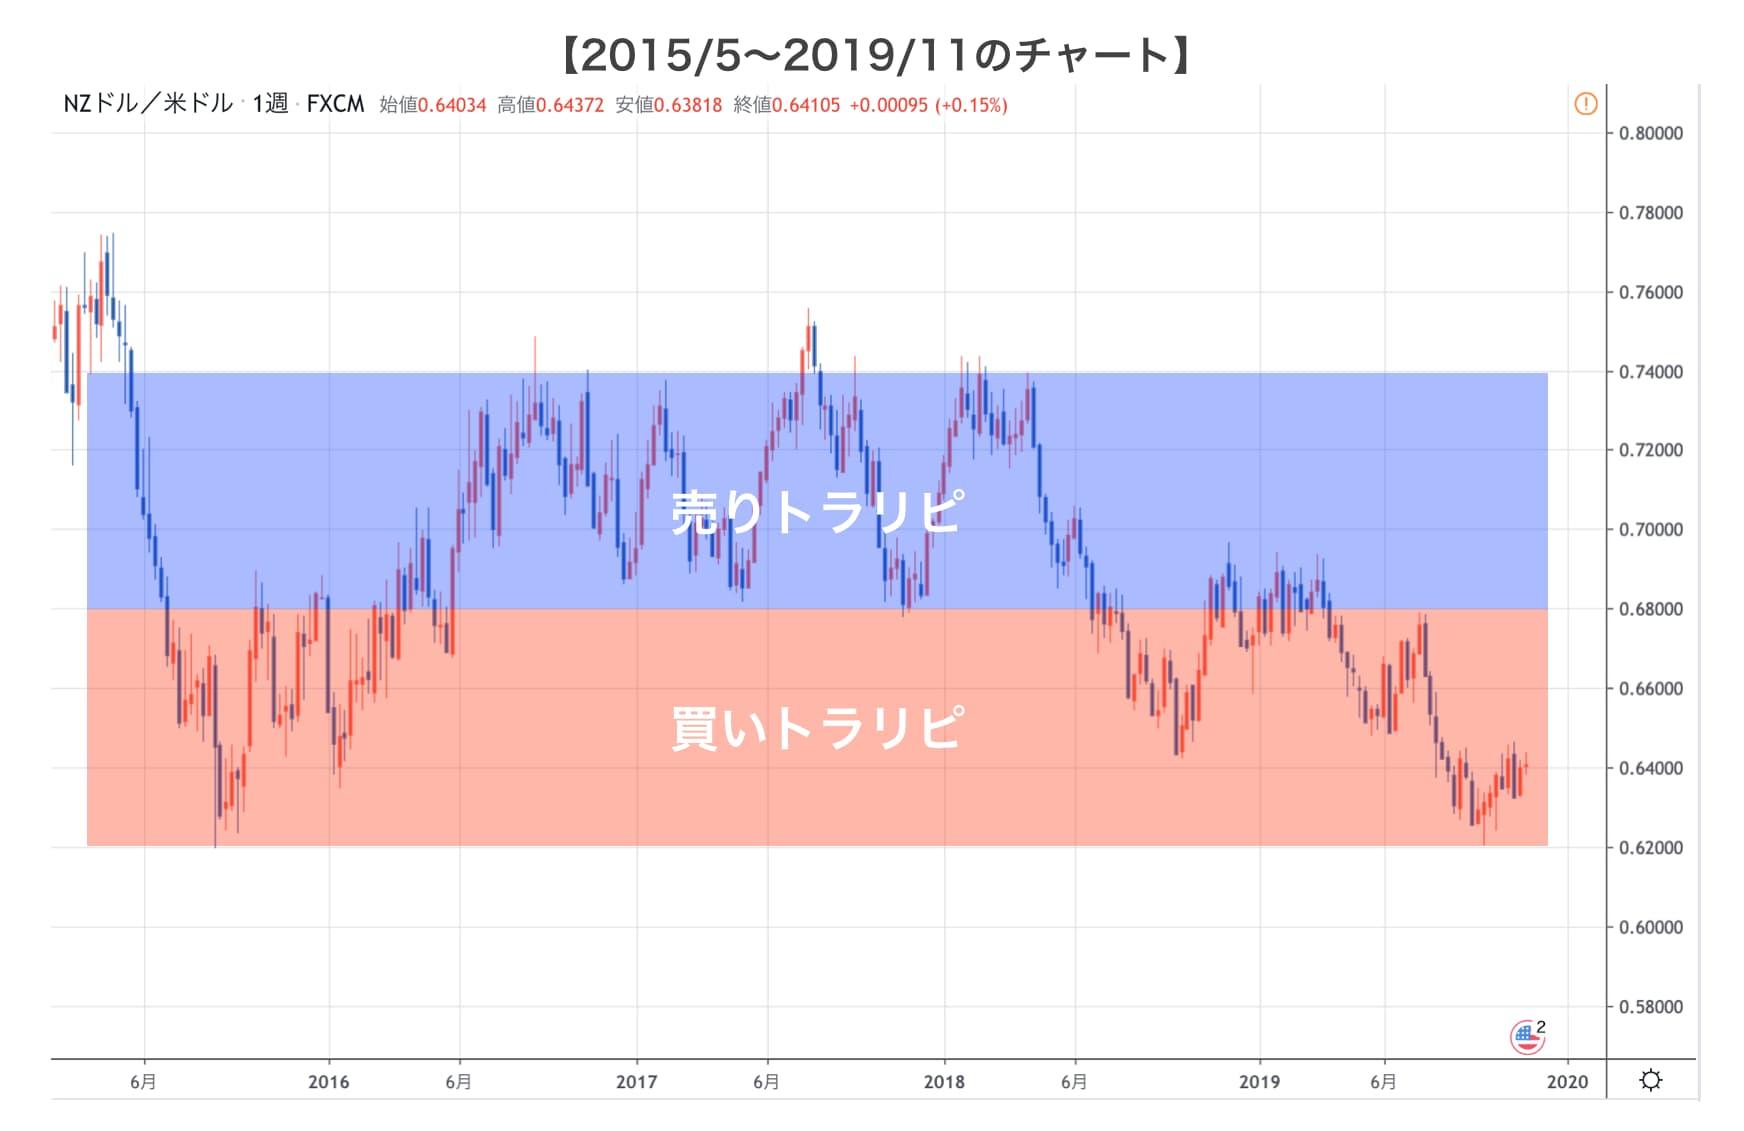 NZD/USDのチャート